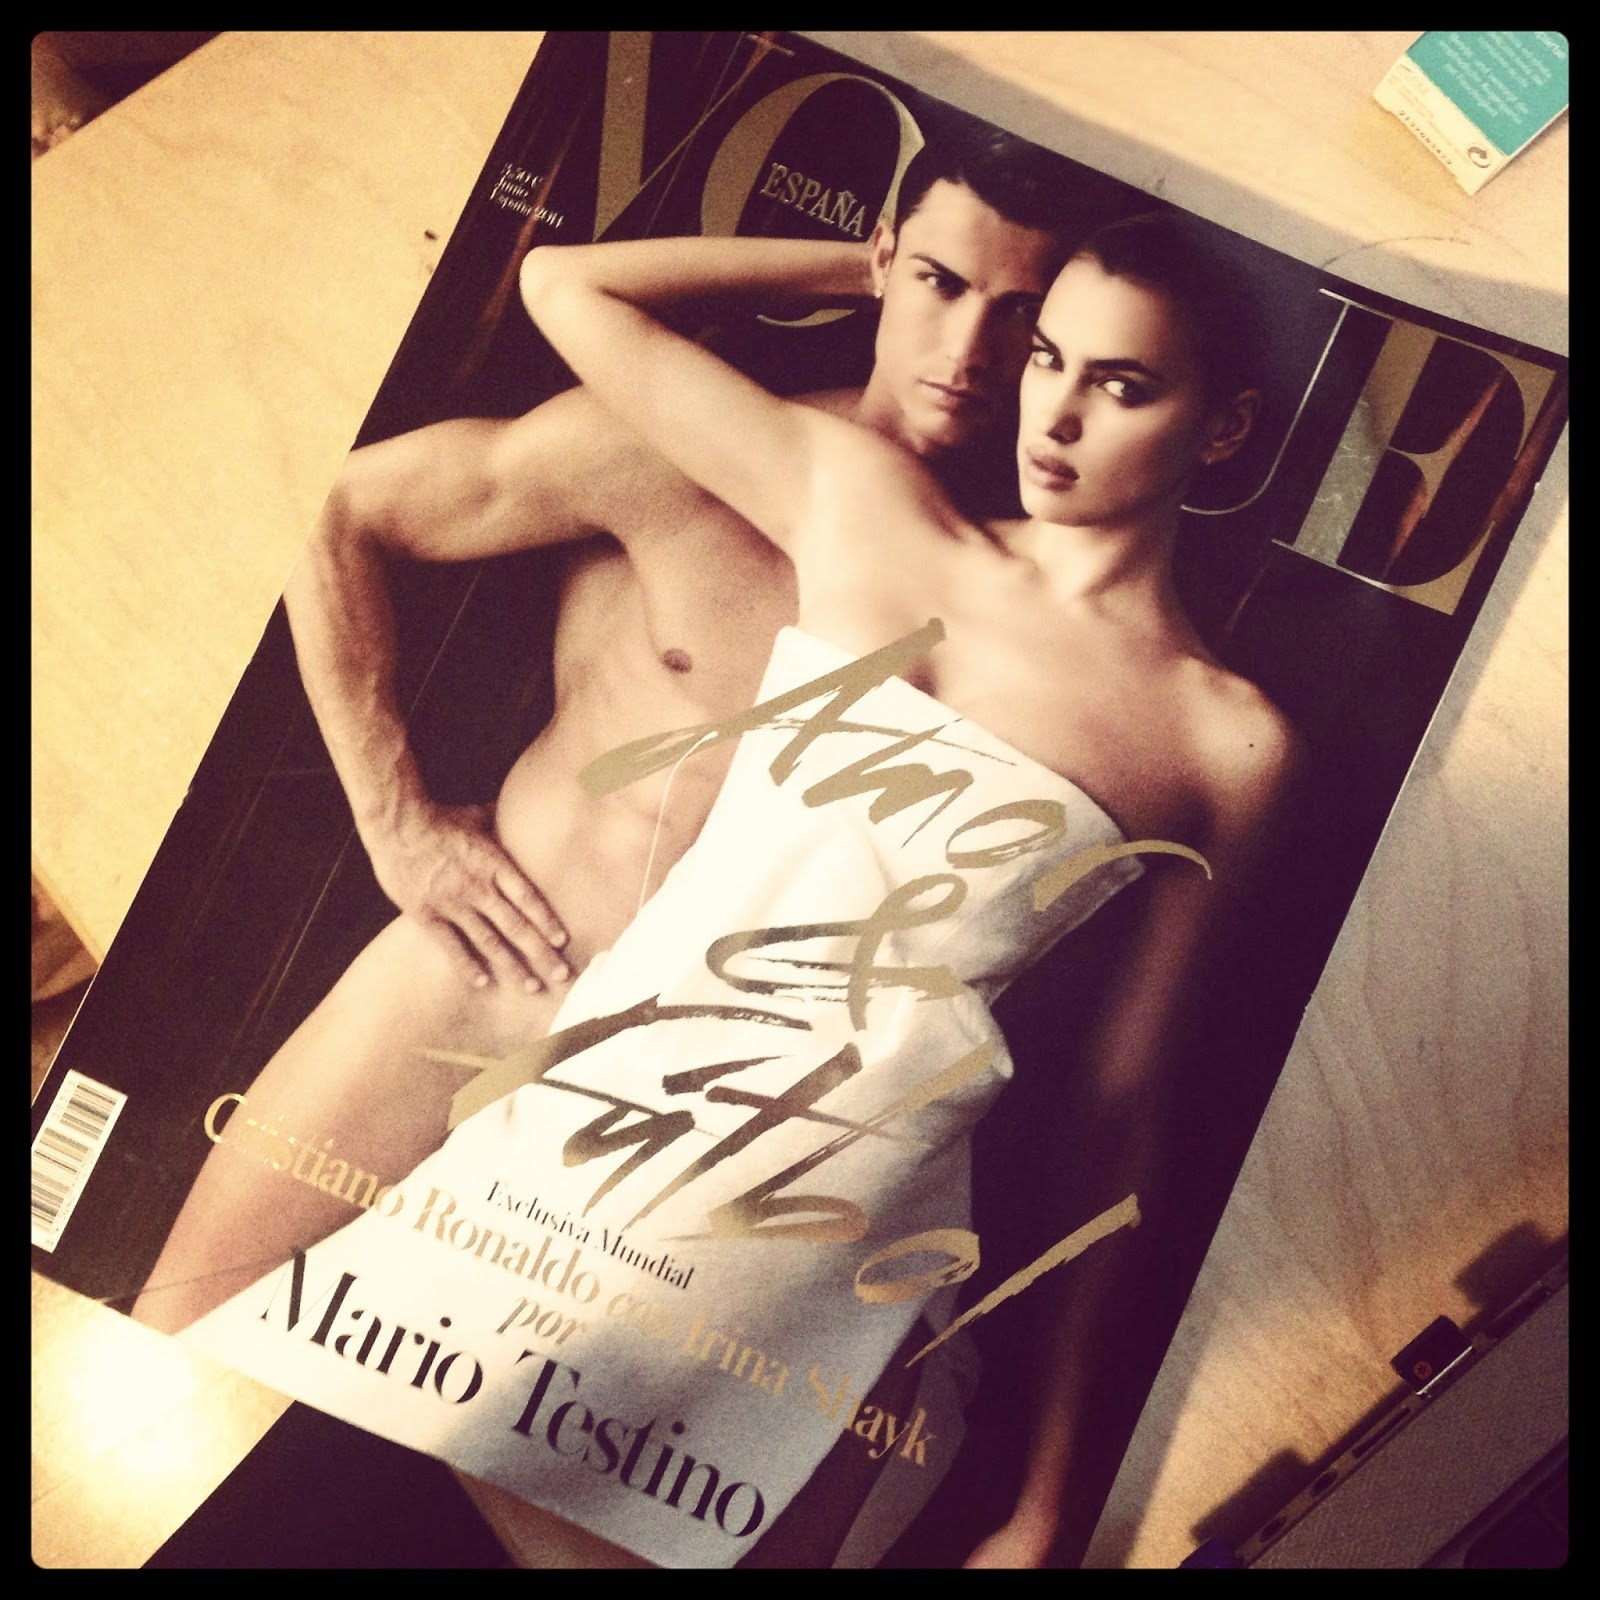 Mario Testino, Cristiano Ronaldo y la portada de Vogue España.